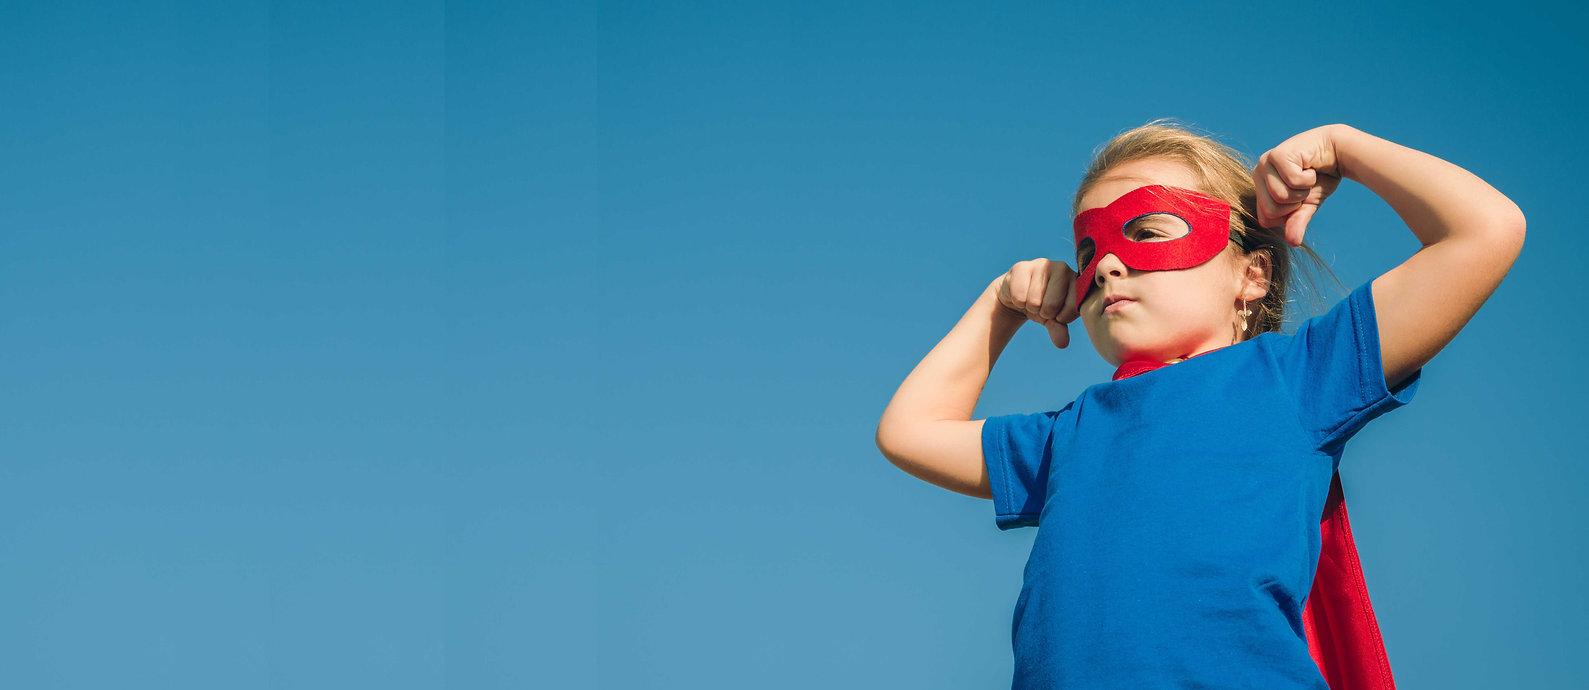 Funny little power super hero child (gir